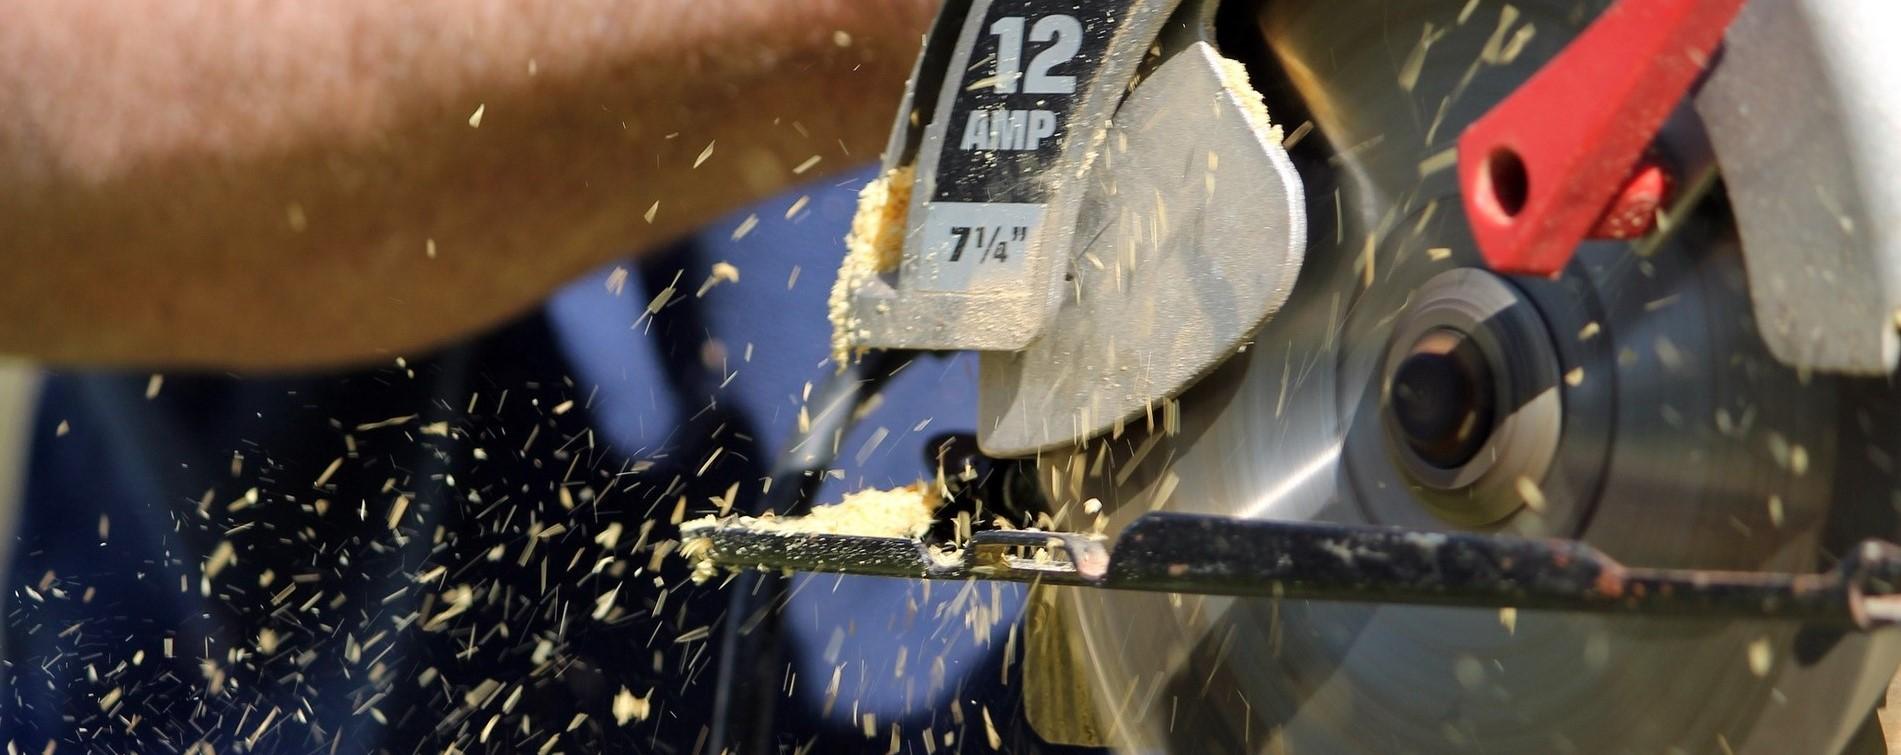 15 Tipos de serras e seus usos!